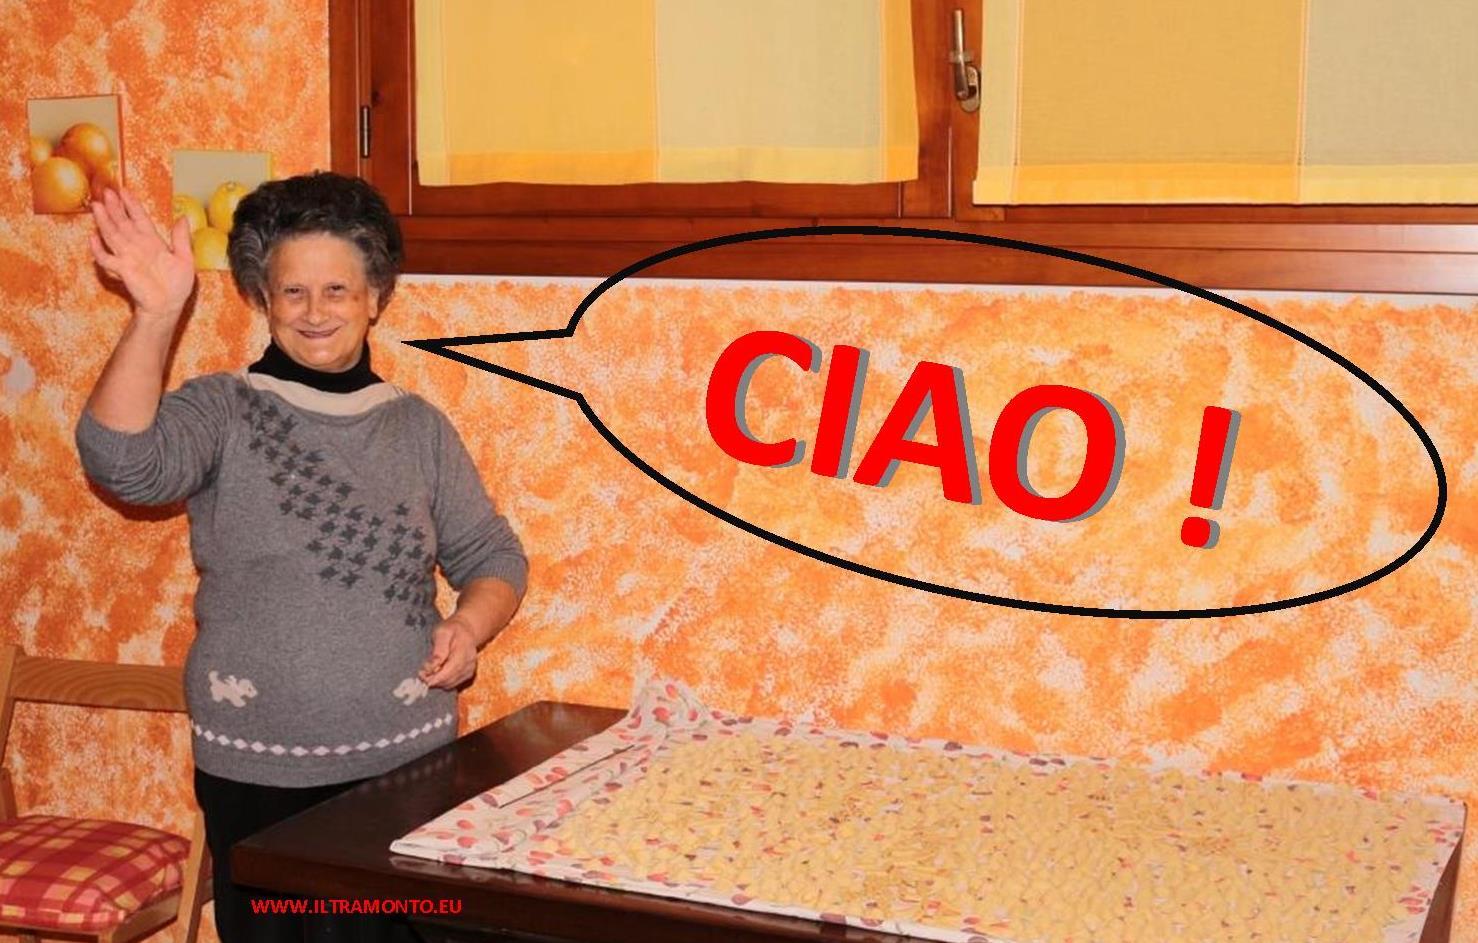 Ciao_iltramonto_foto ad smets_zia Edda